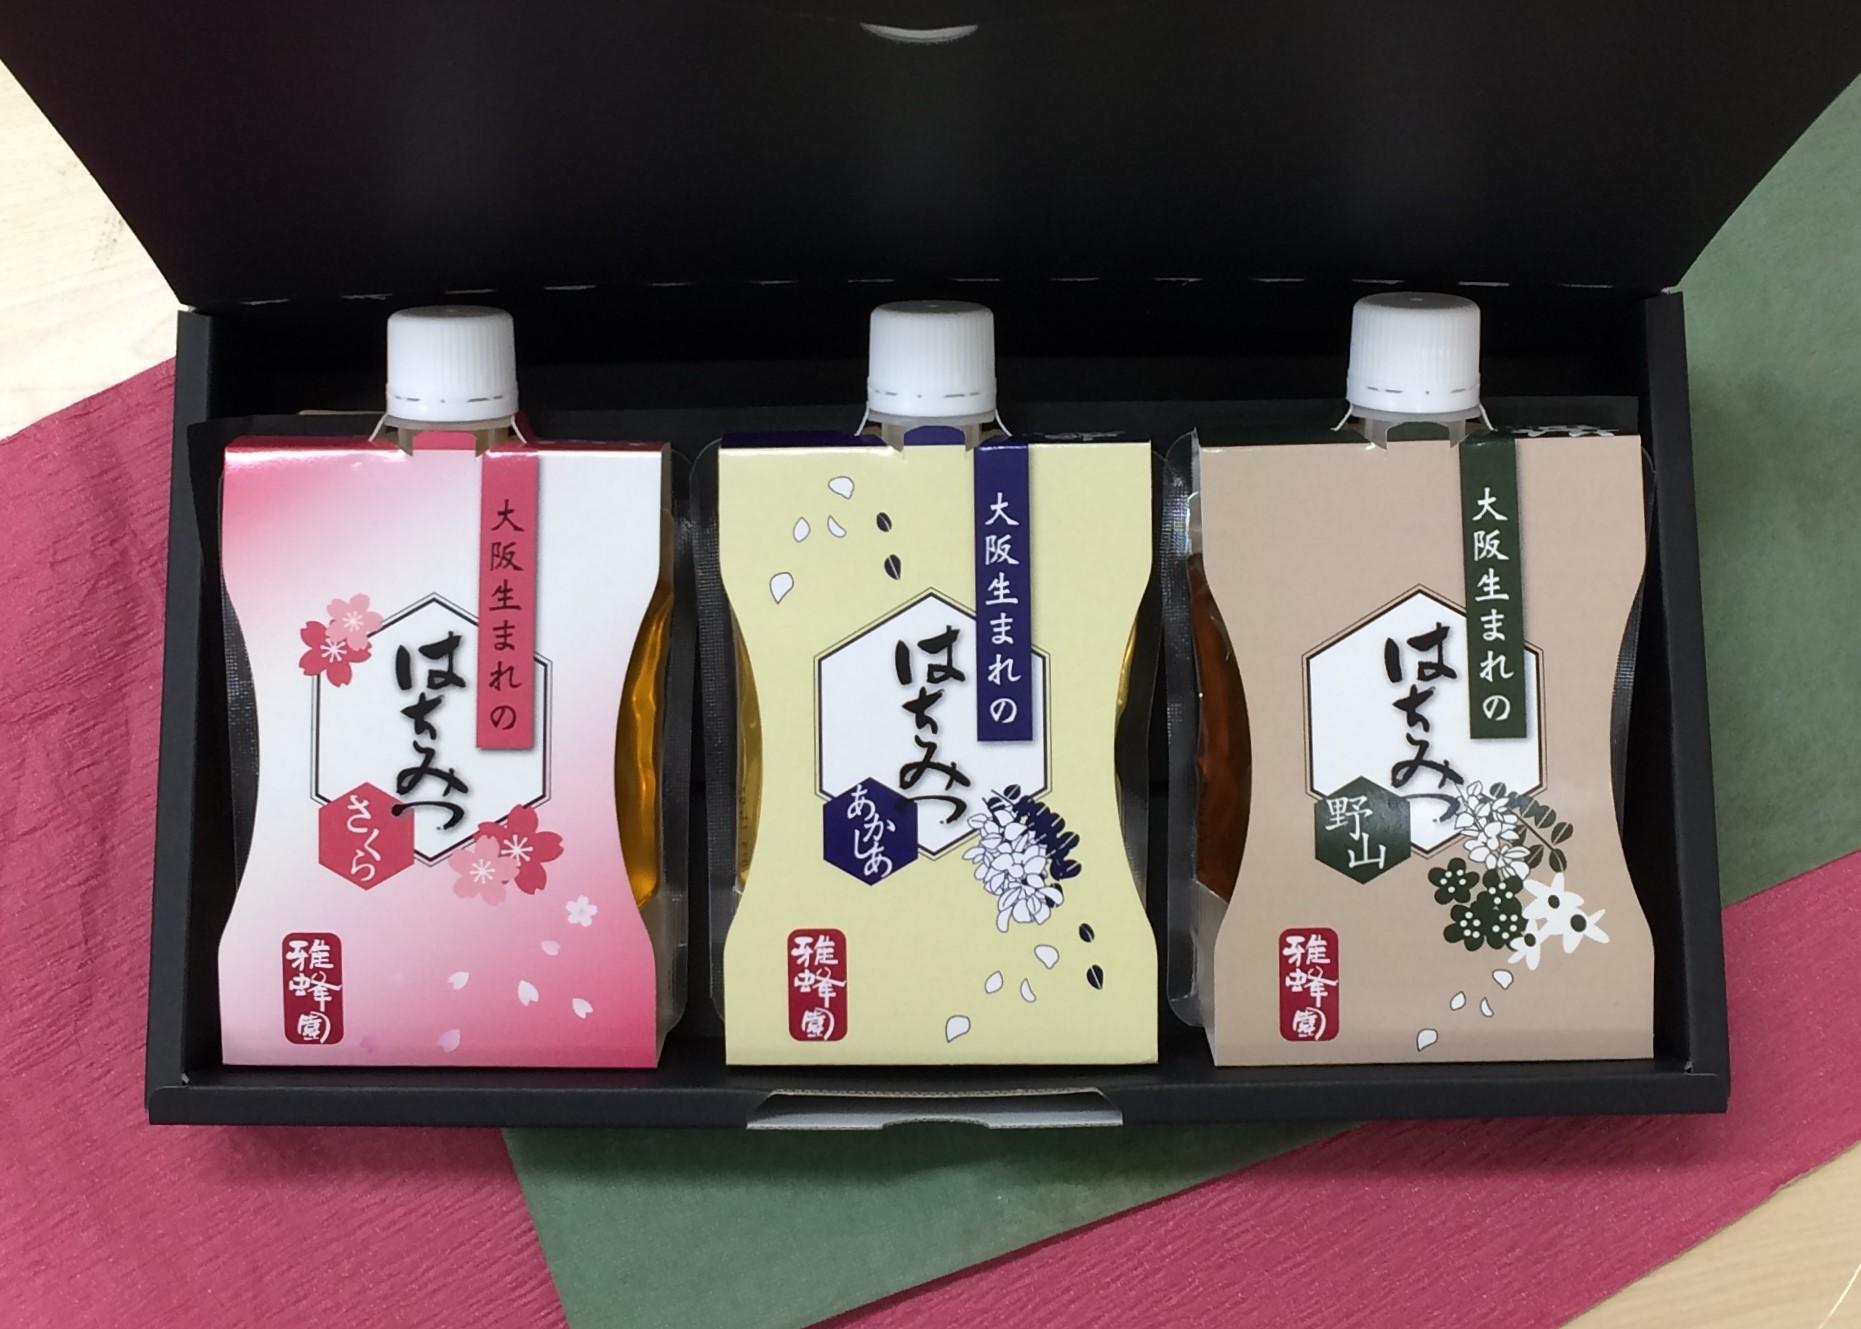 【国産蜂蜜】 大阪産はちみつ(あかしあ、野山、桜)200g 3本セット 【数量限定】